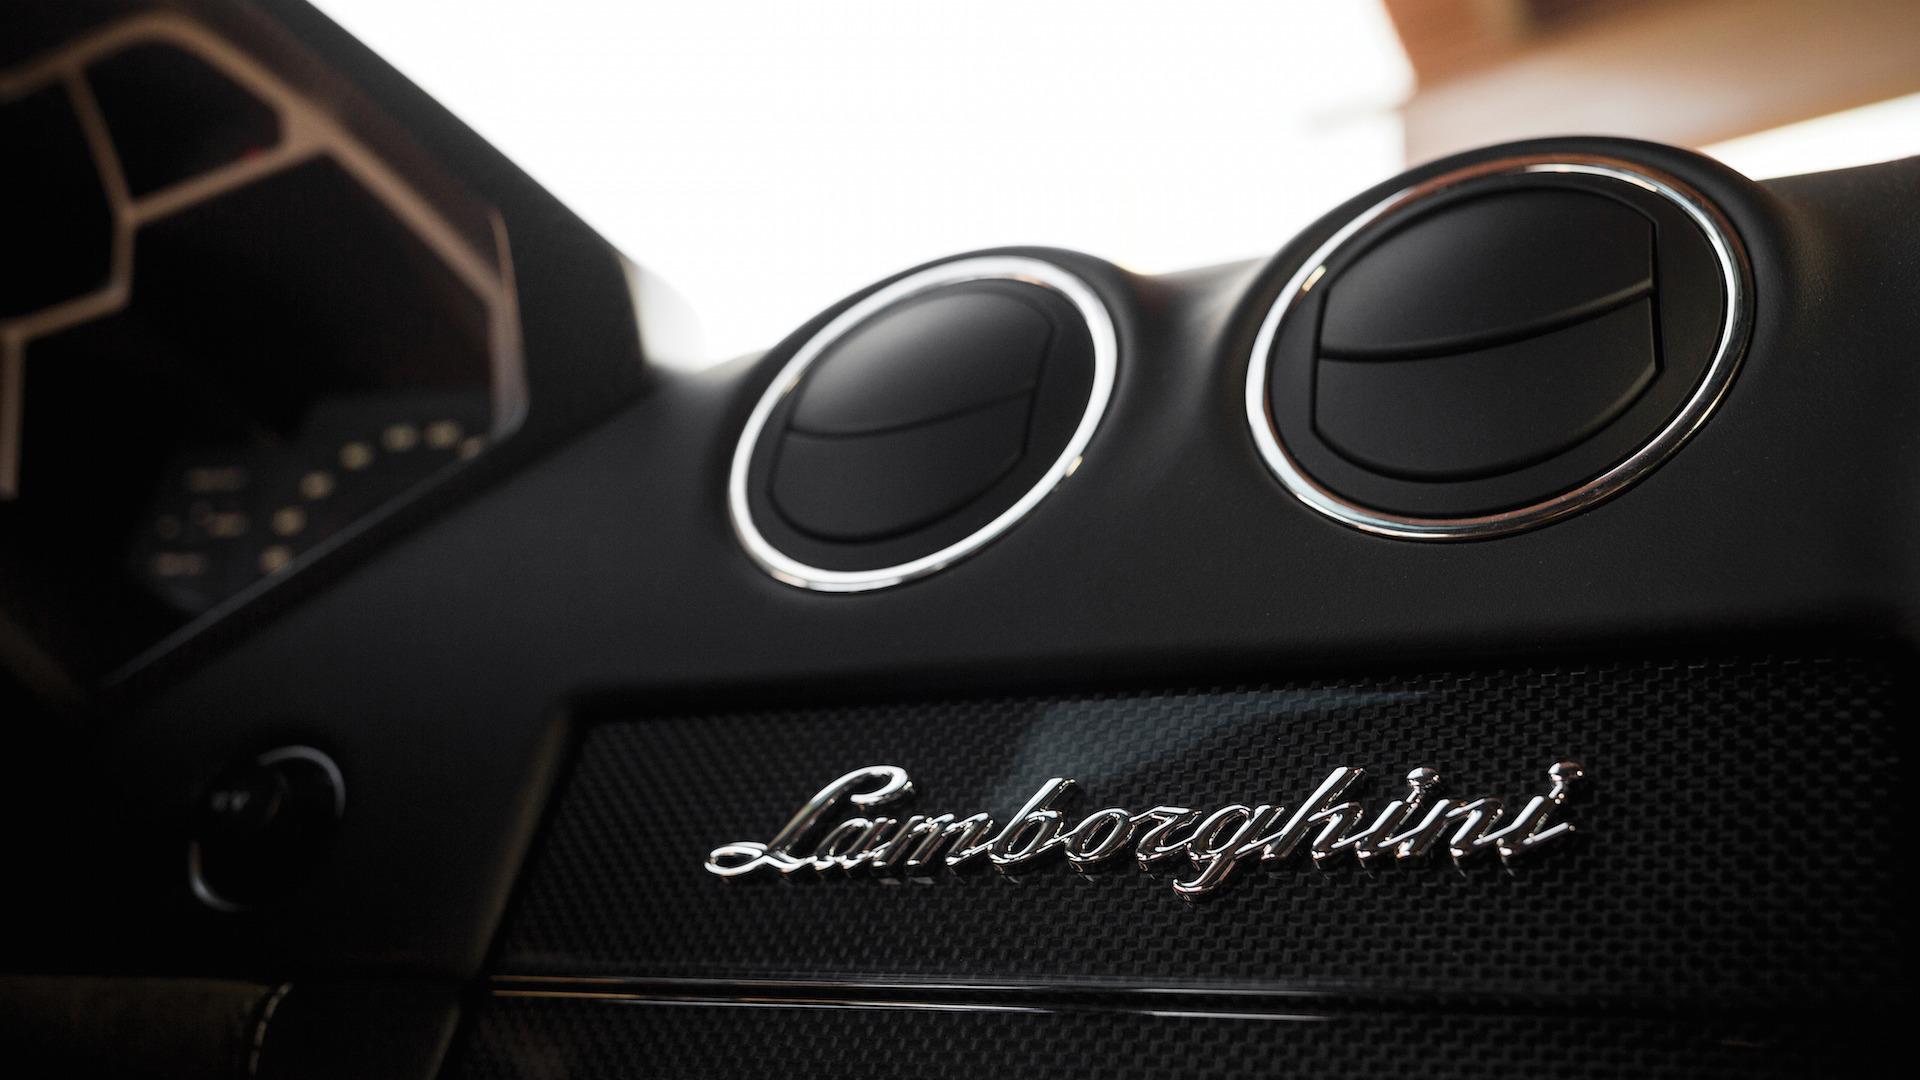 2007_Lamborghini_Reventon_Auction_20